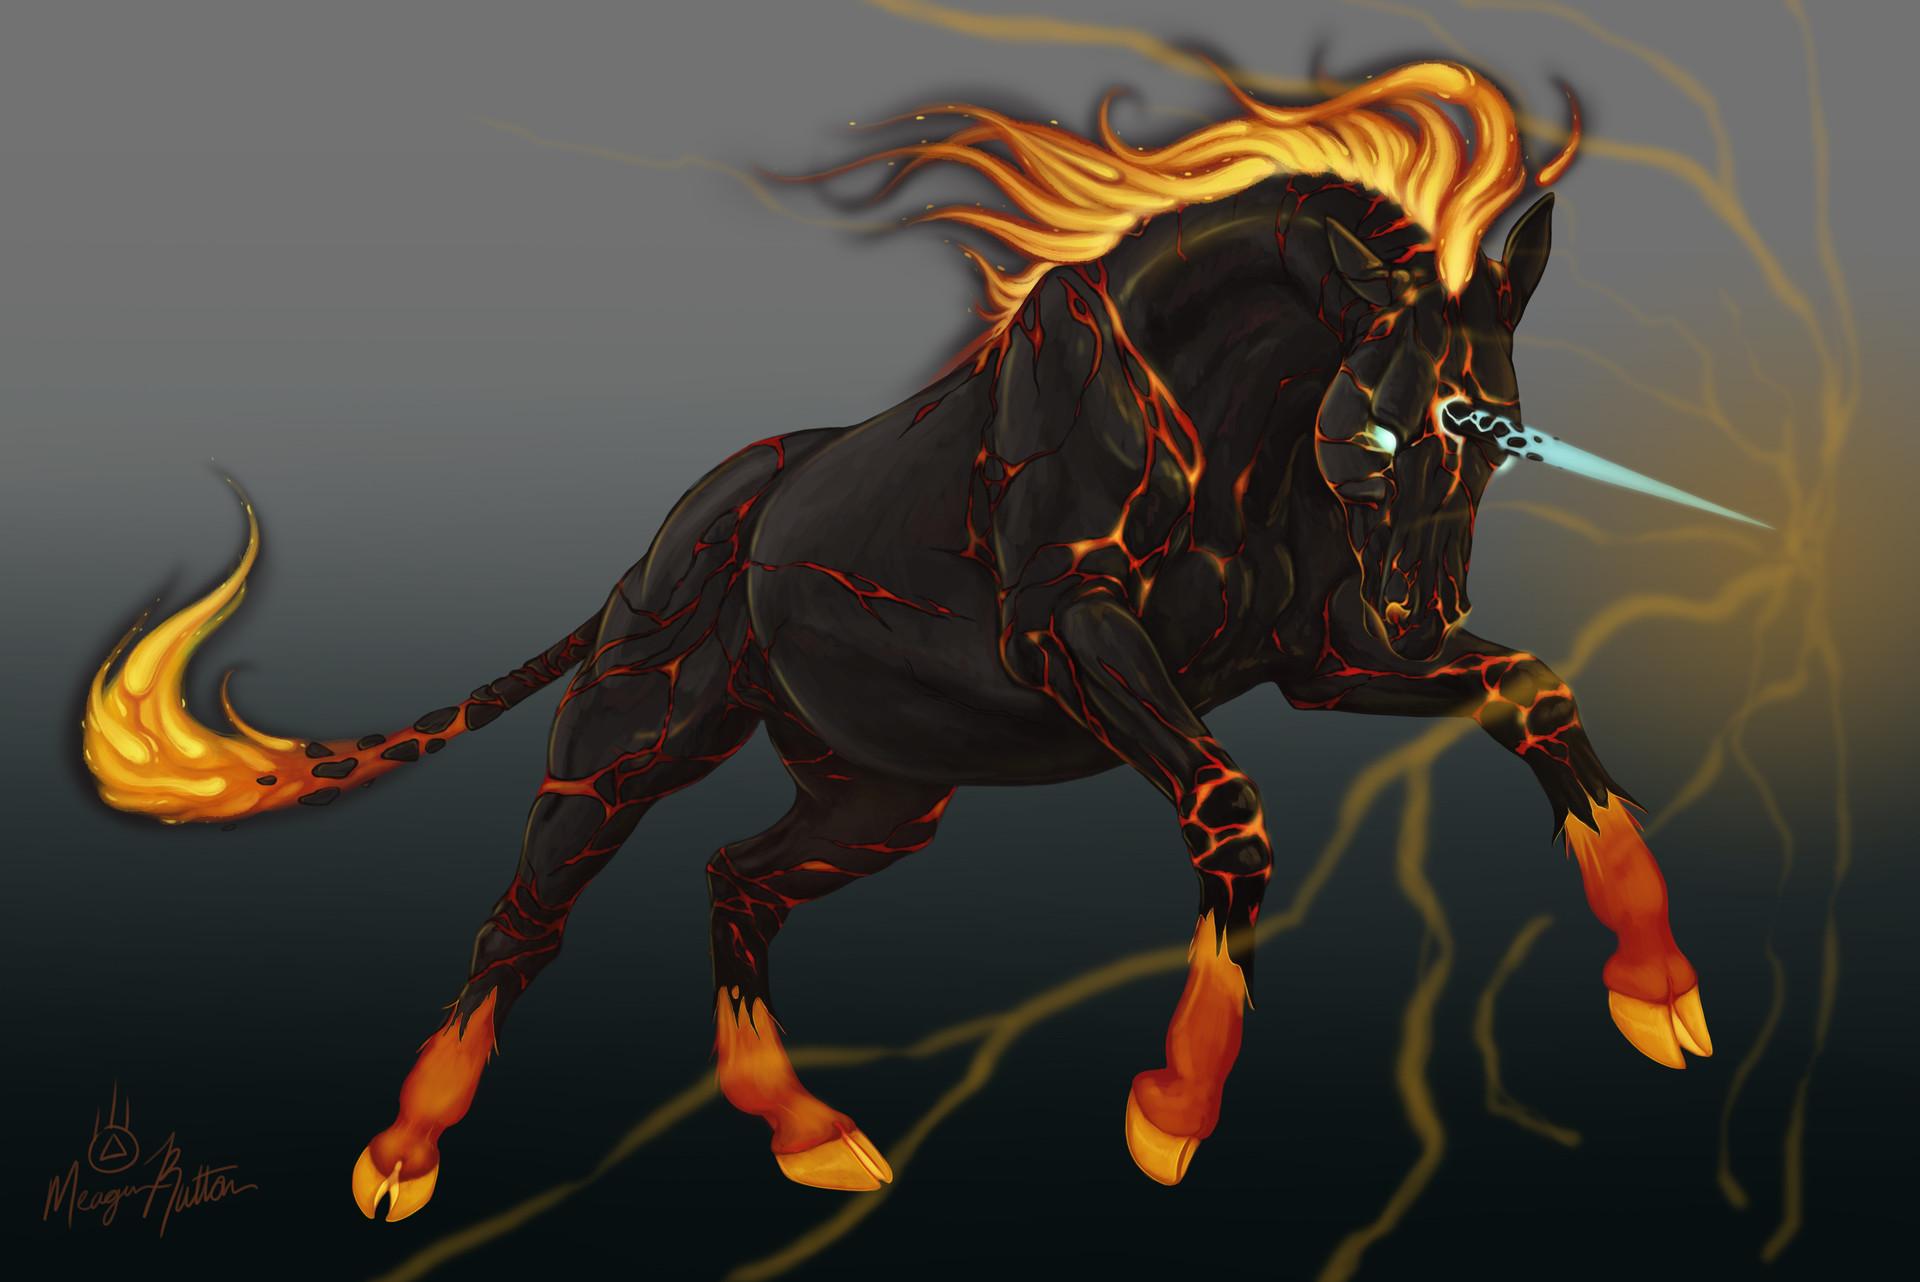 Meagen ruttan fire unicorn meagenruttan 2016 15